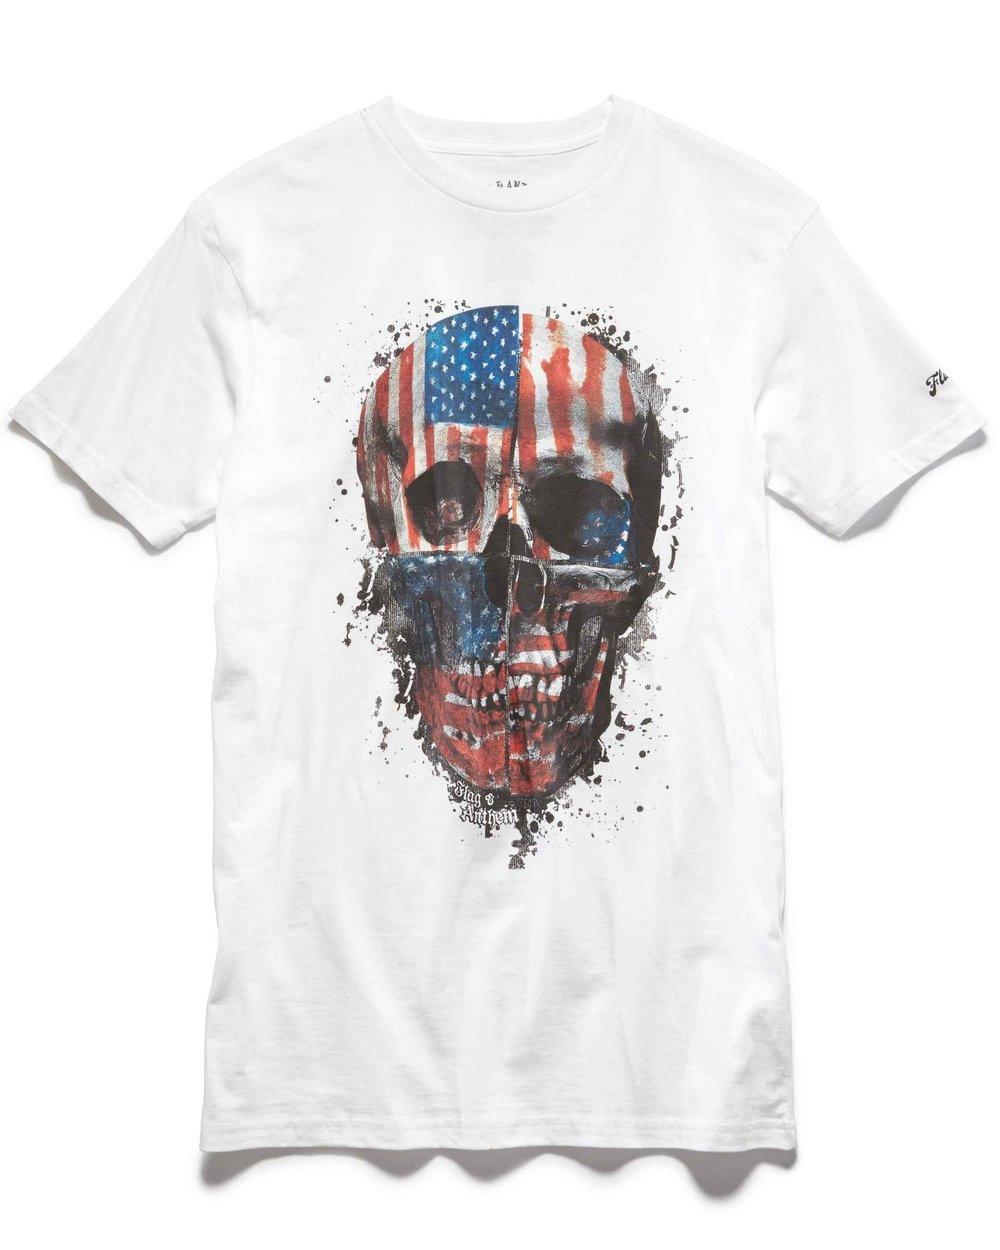 Flag Skull Tee $24.50